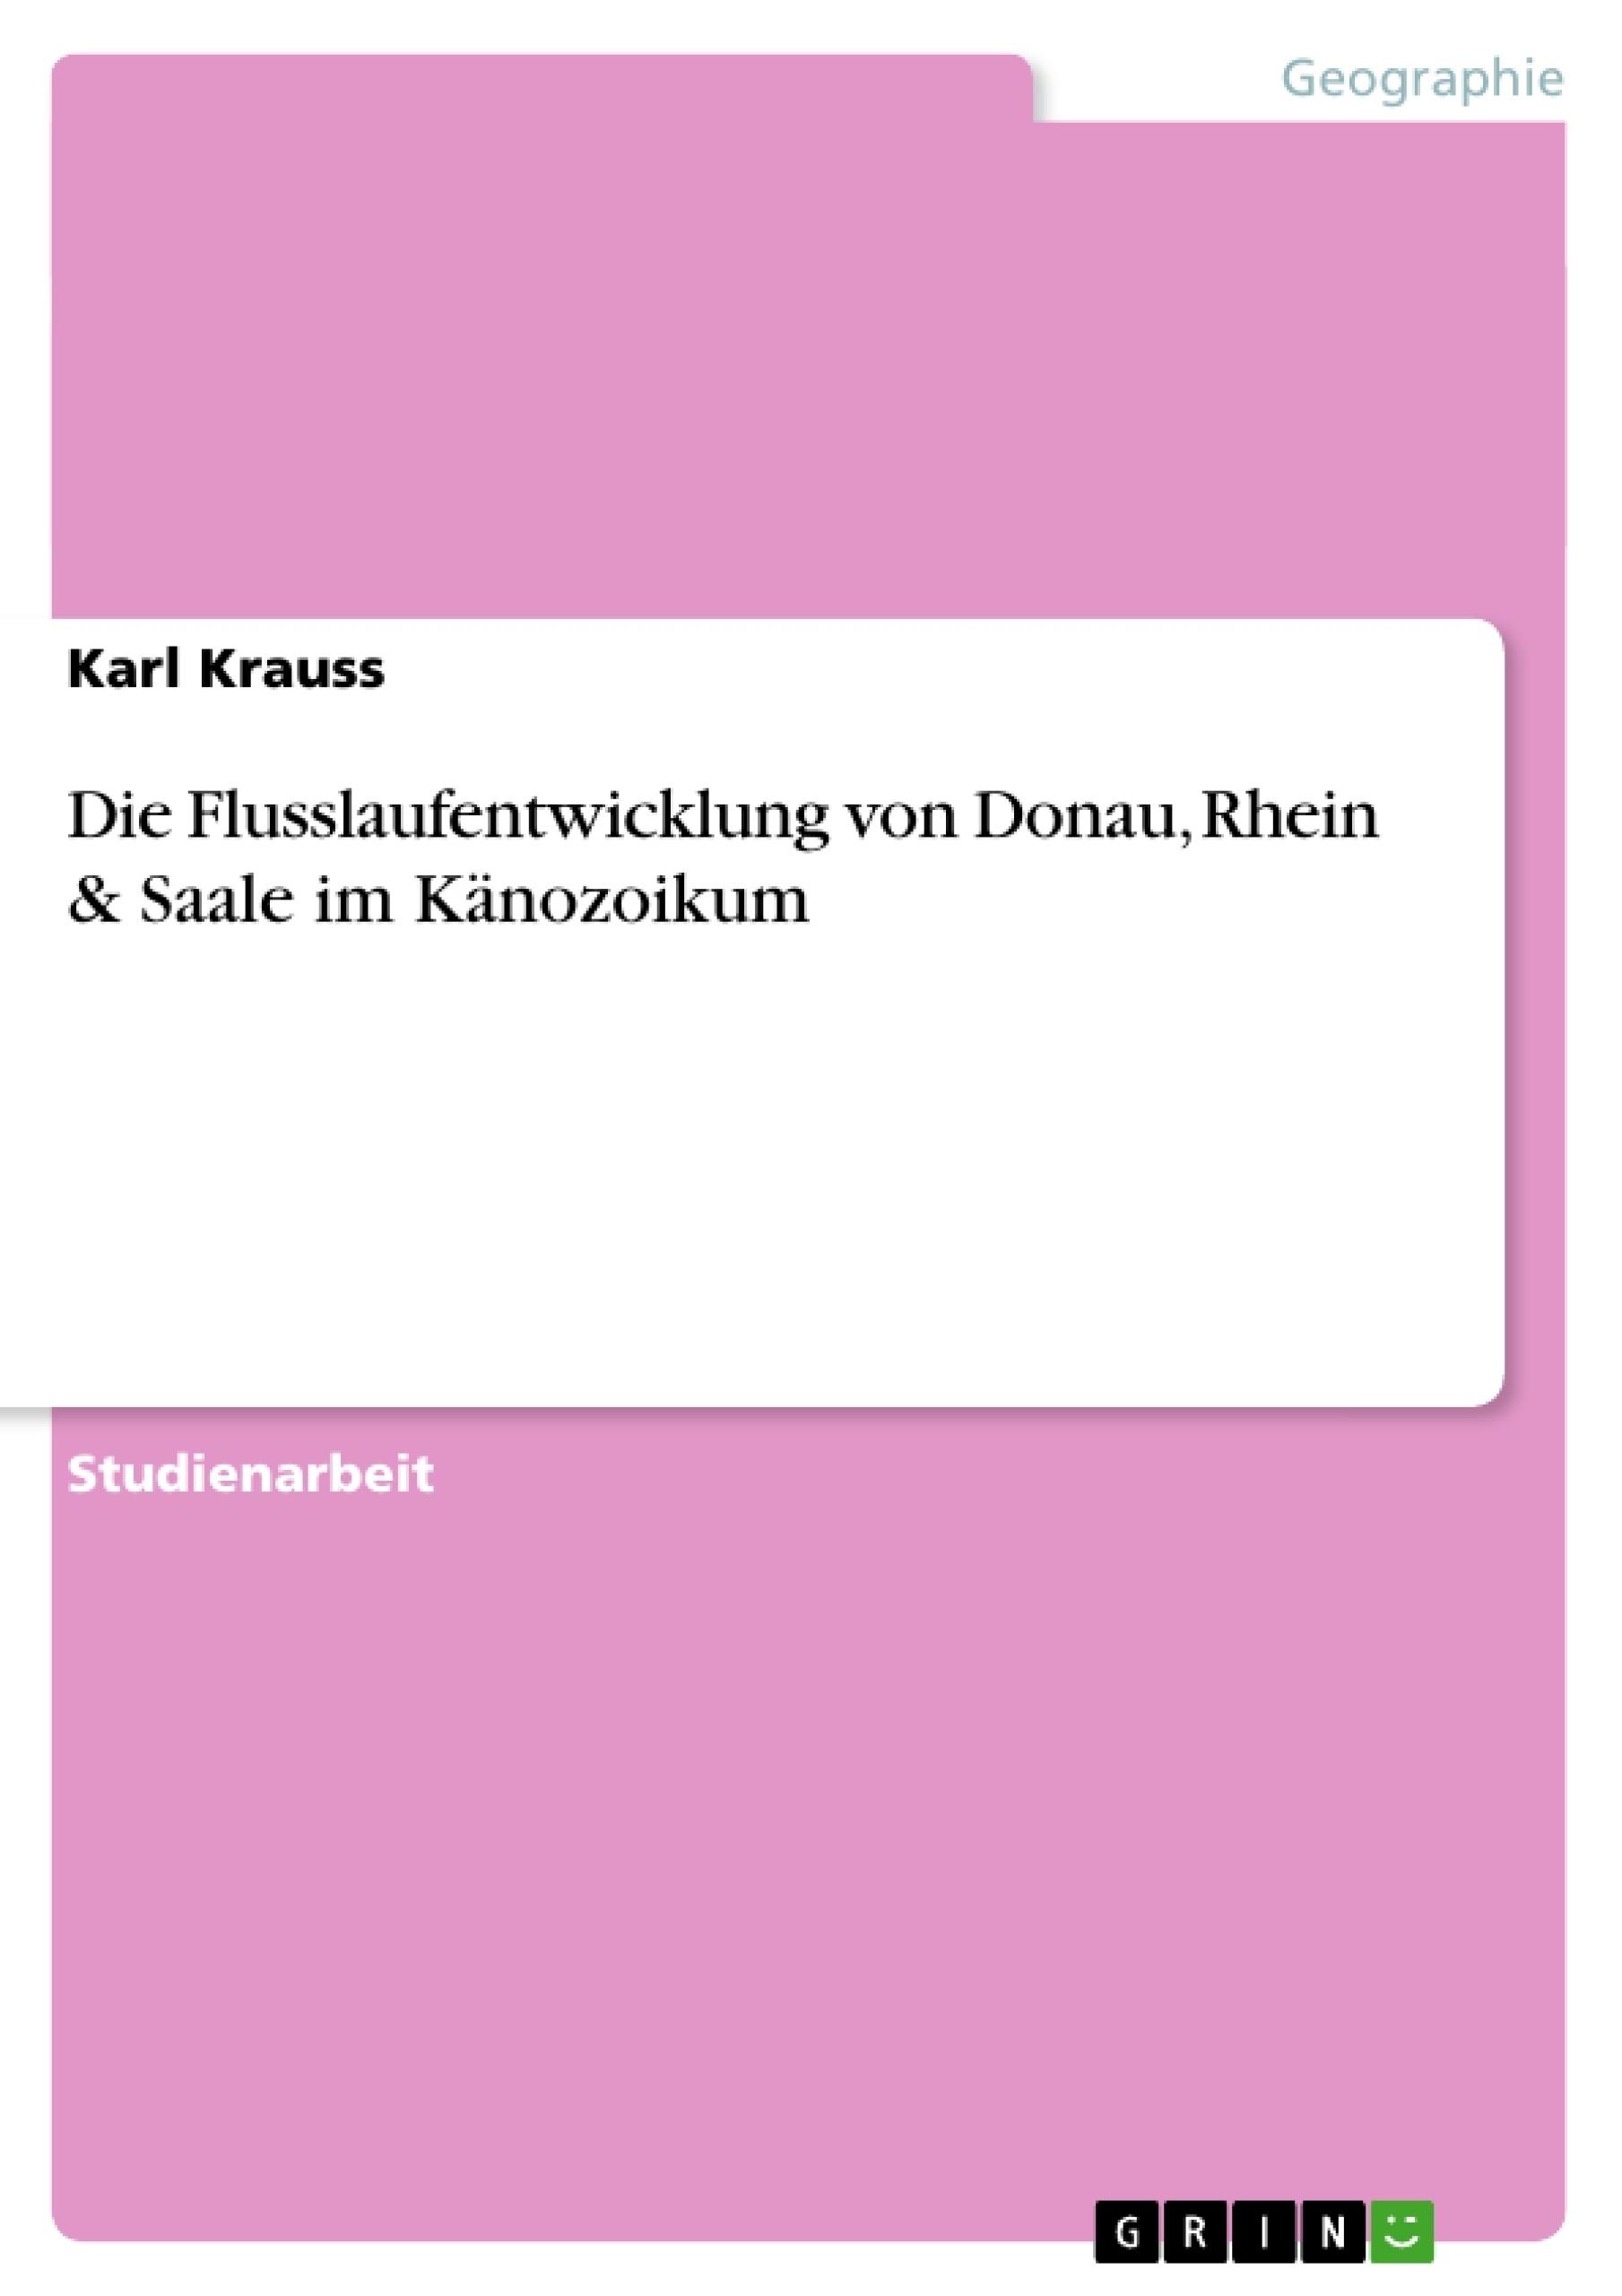 Titel: Die Flusslaufentwicklung von Donau, Rhein & Saale im Känozoikum